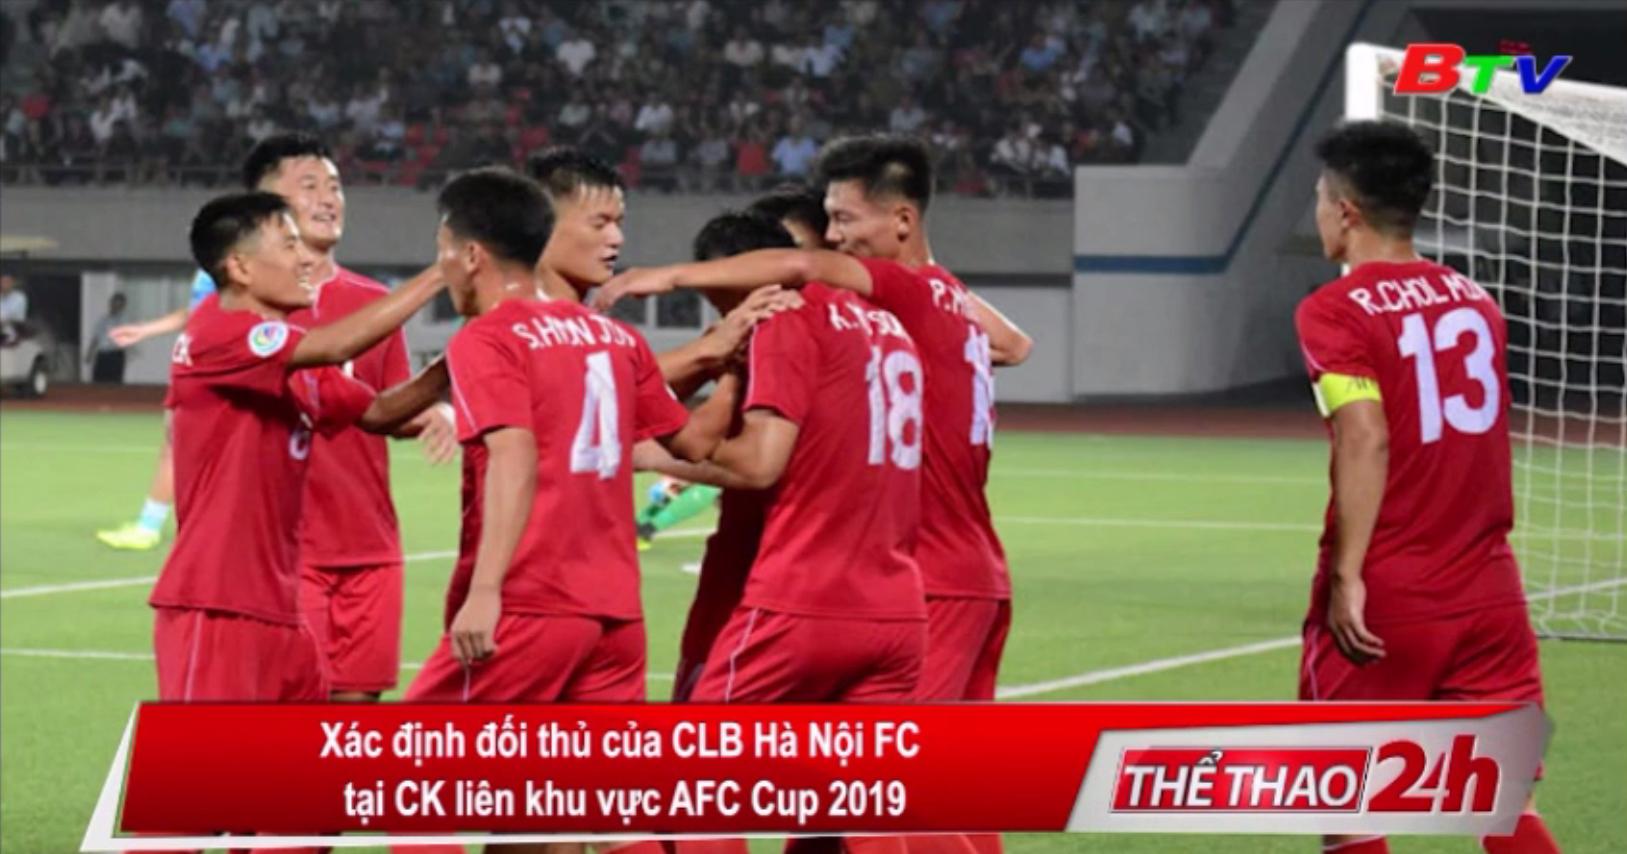 Xác định đối thủ của Hà Nội FC ở chung kết liên khu vực AFC Cup 2019